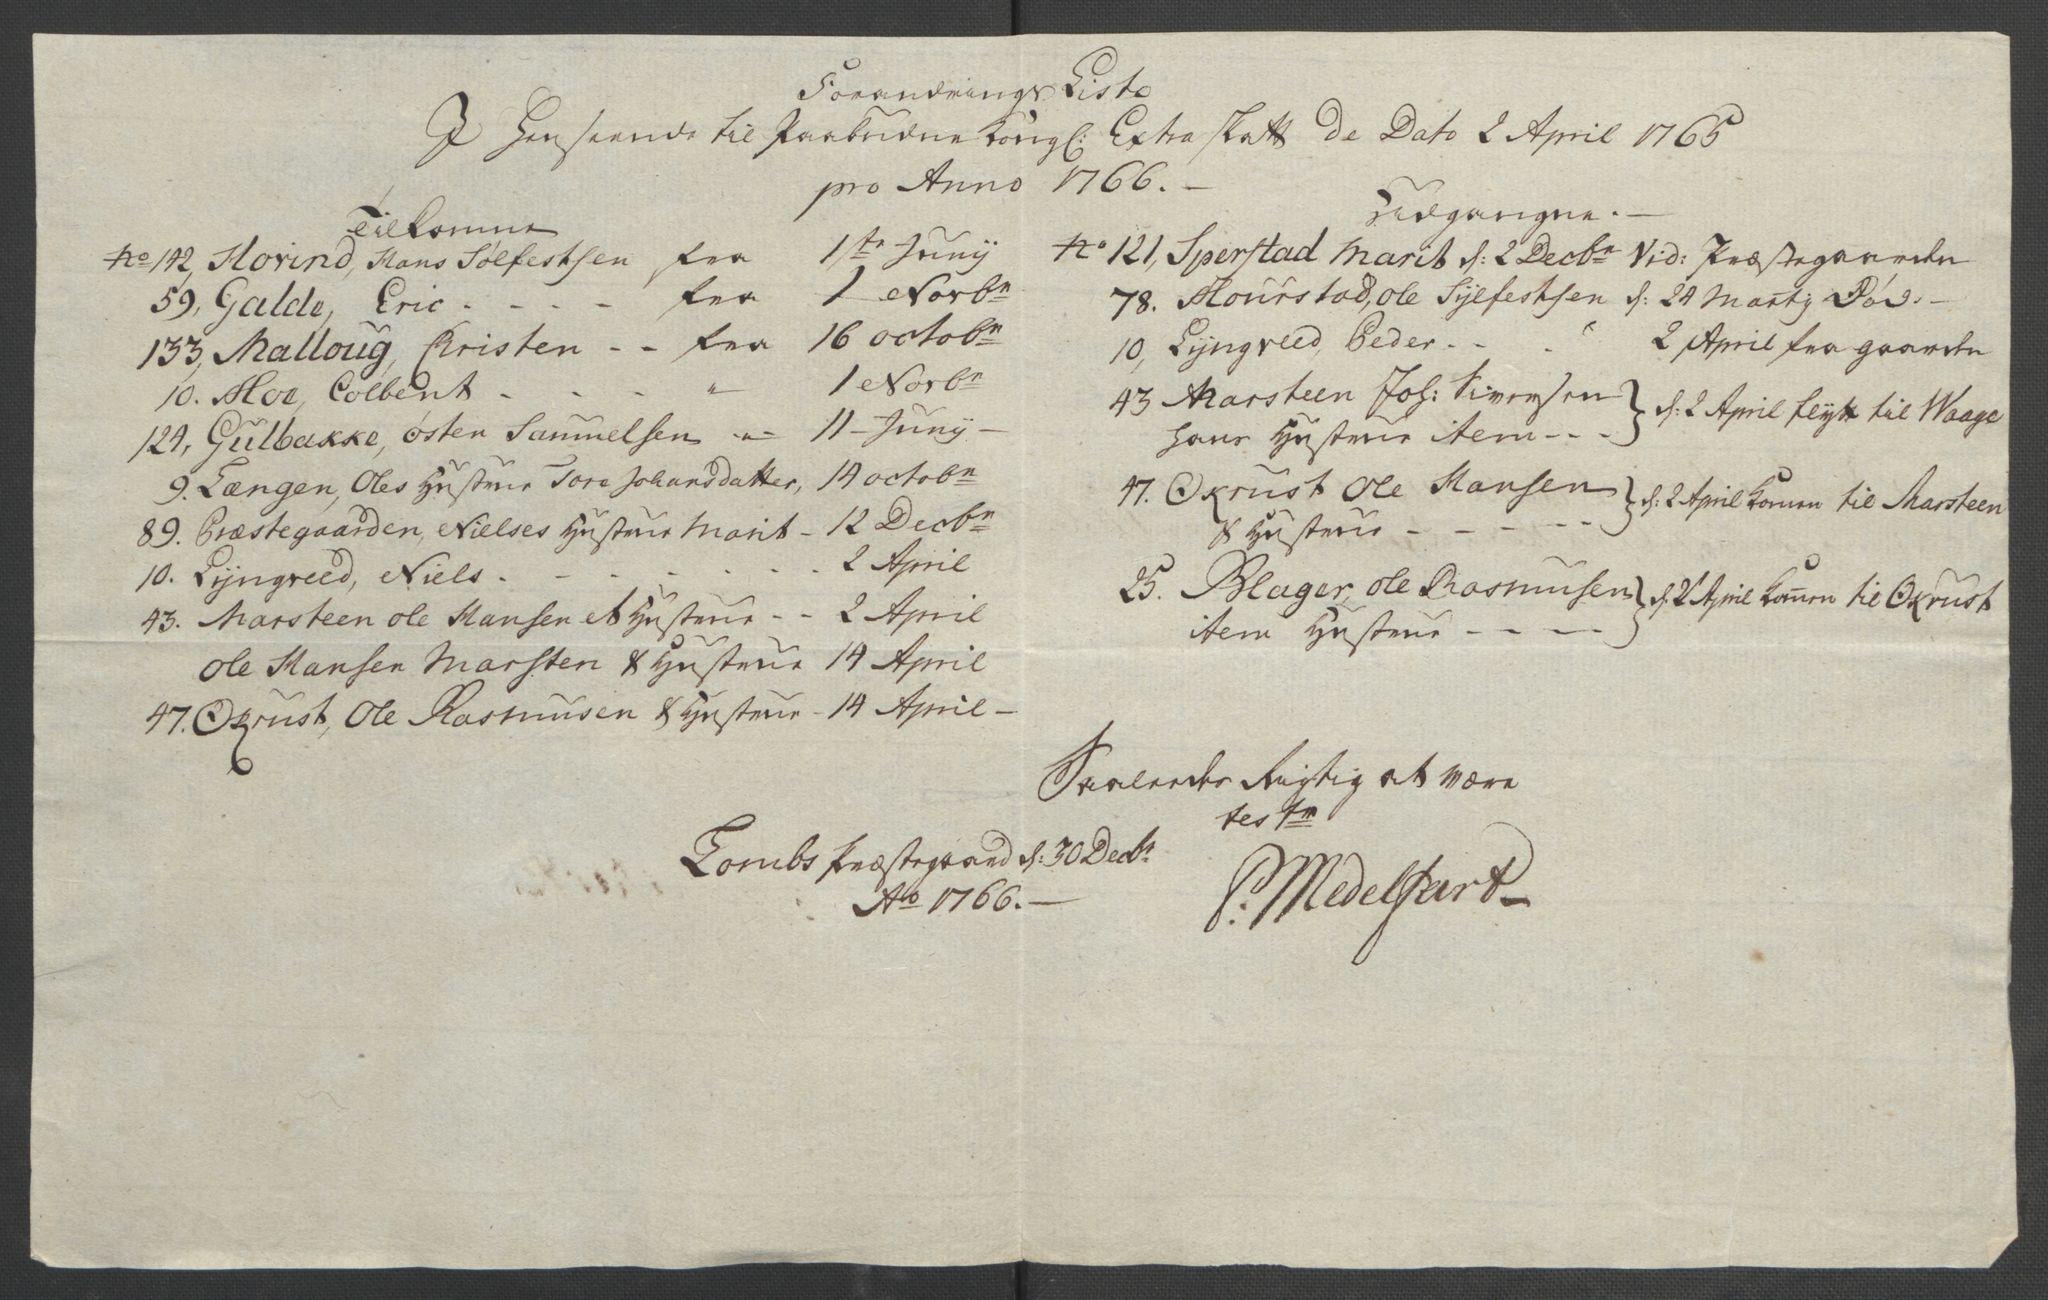 RA, Rentekammeret inntil 1814, Reviderte regnskaper, Fogderegnskap, R17/L1266: Ekstraskatten Gudbrandsdal, 1762-1766, s. 588